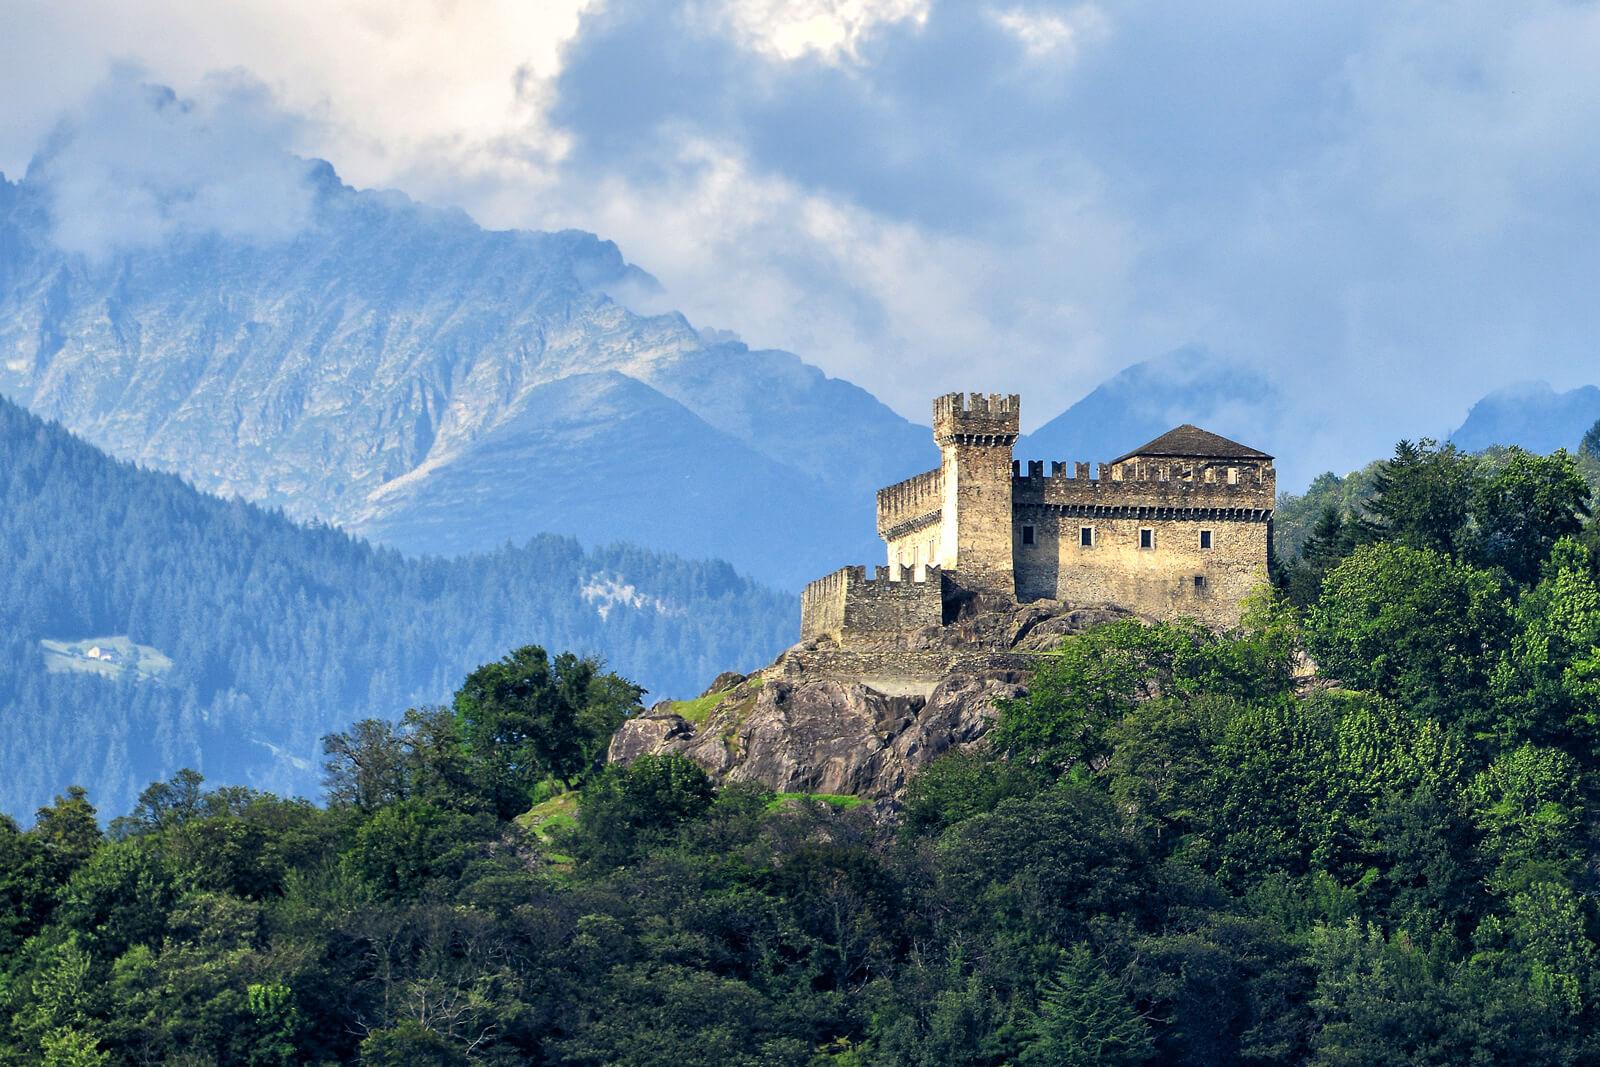 Bellinzona Castles - UNESCO World Heritage